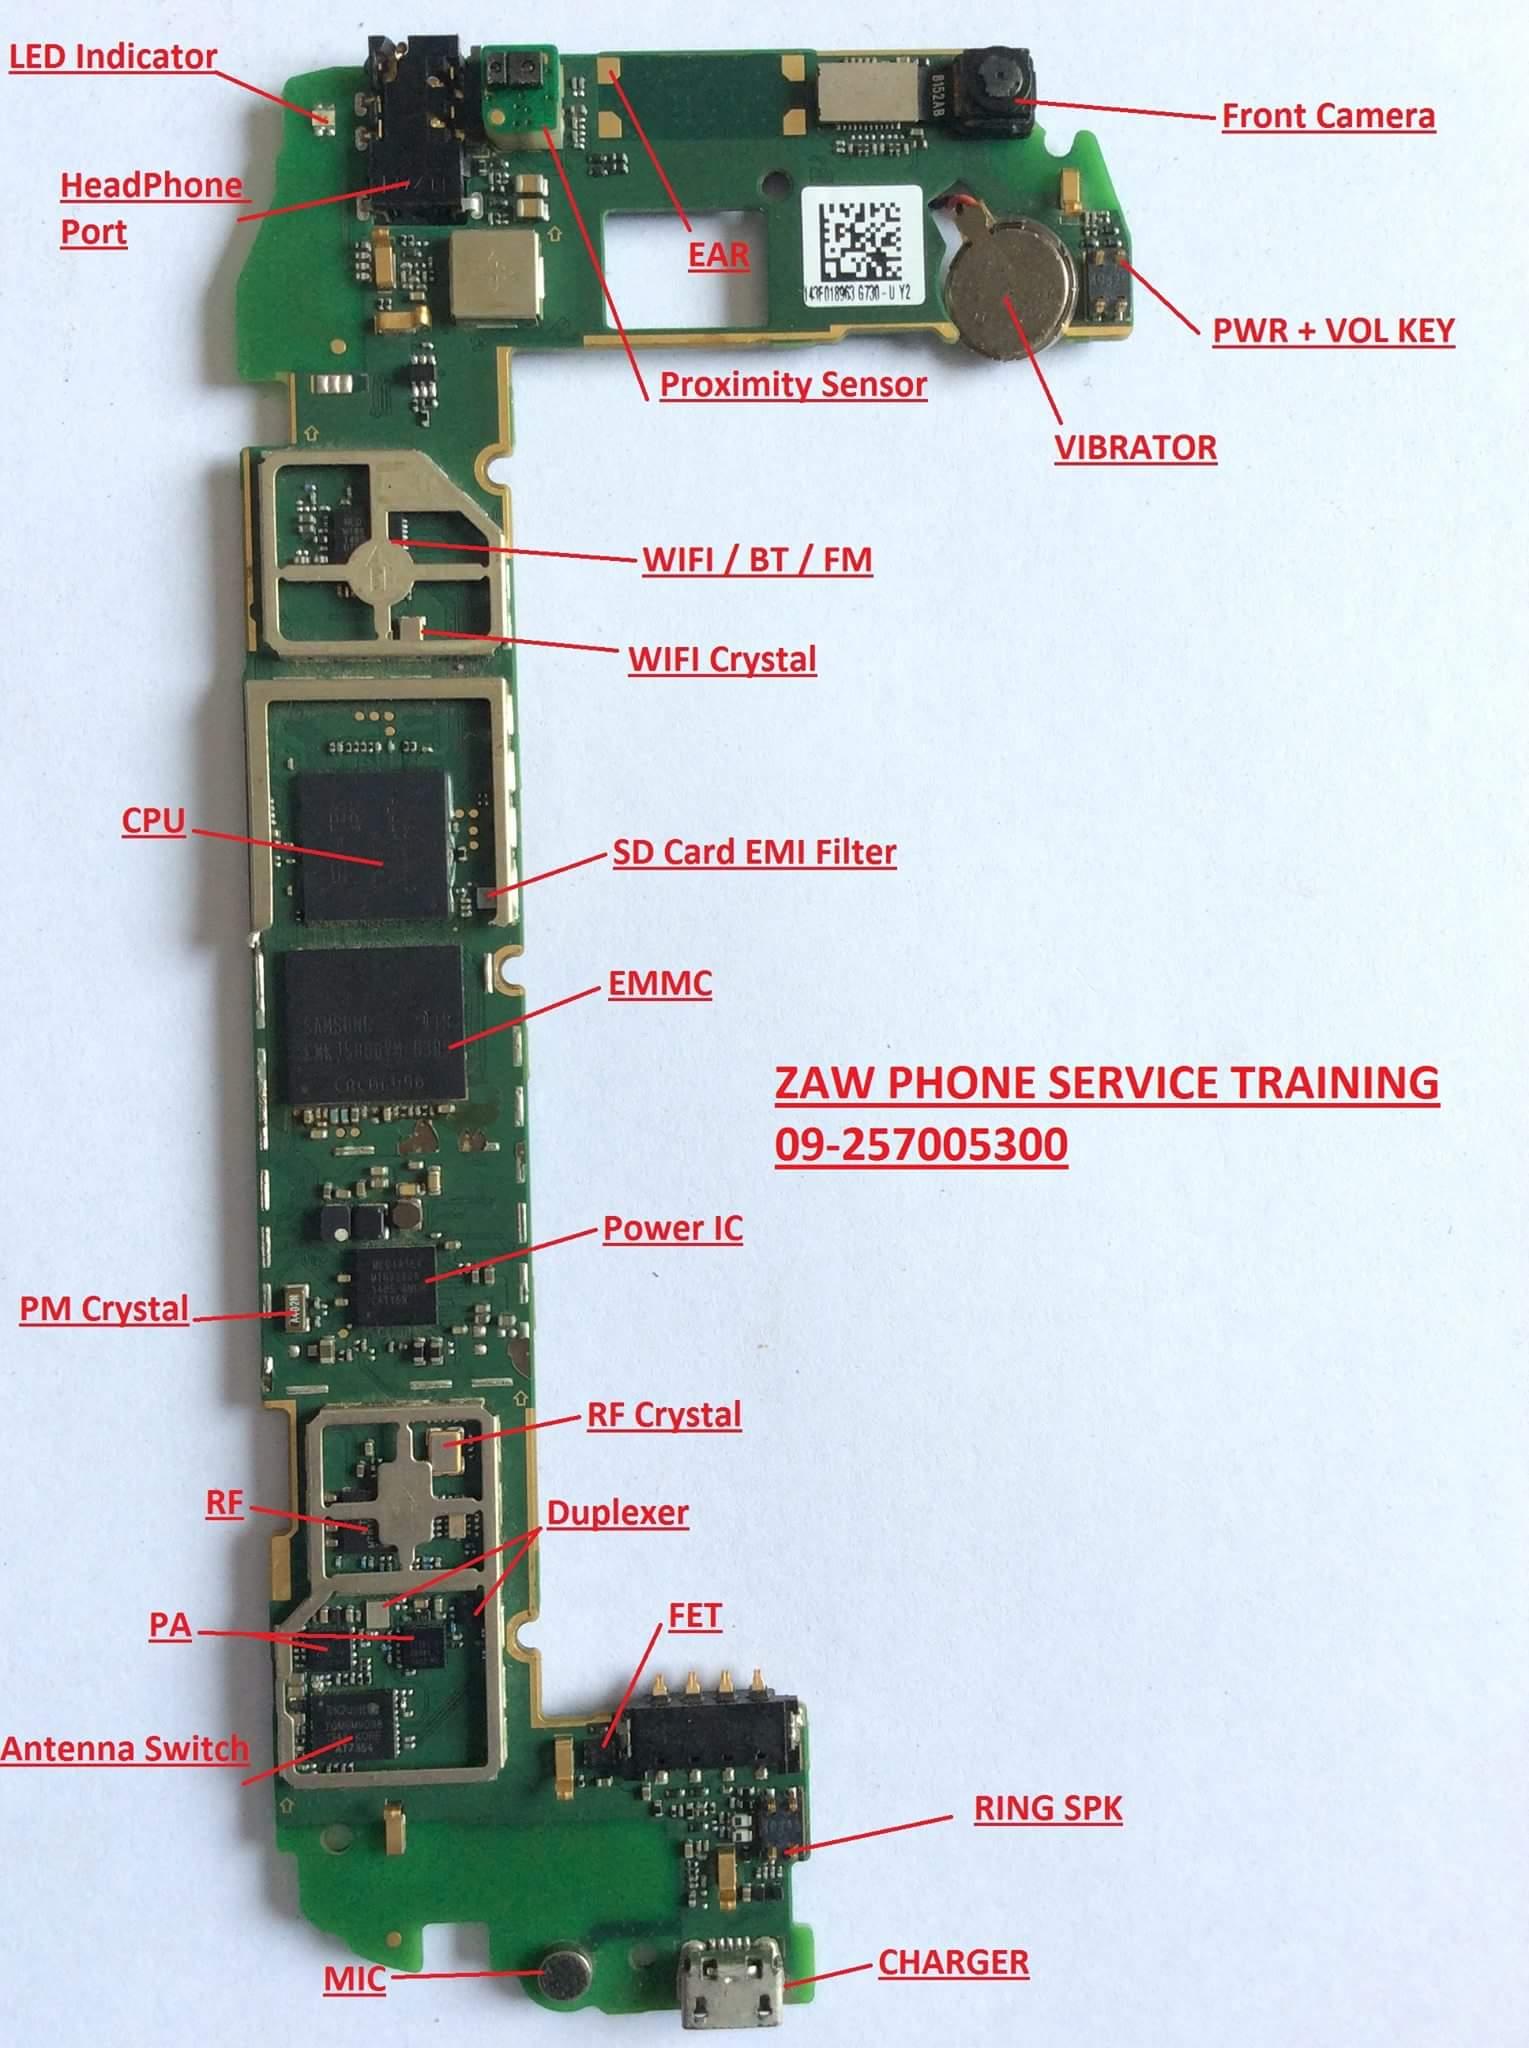 c band lnb circuit diagram b000d3 c band lnb circuit diagram epanel digital books  b000d3 c band lnb circuit diagram